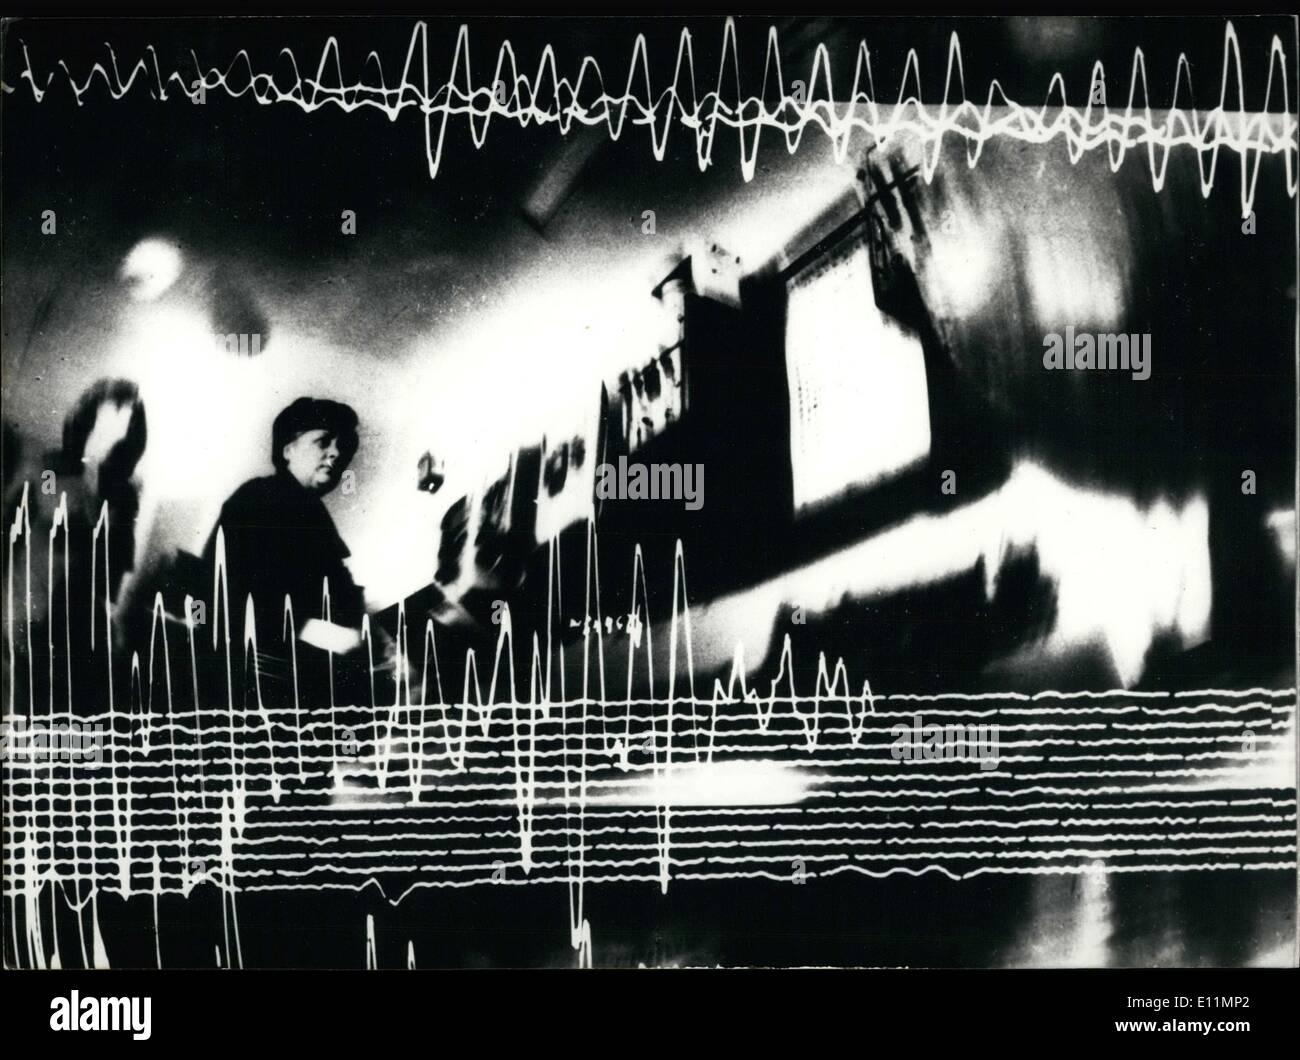 Dec. 04, 1978 - Earthquakes Charted Illuminated Signs Moldova - Stock Image